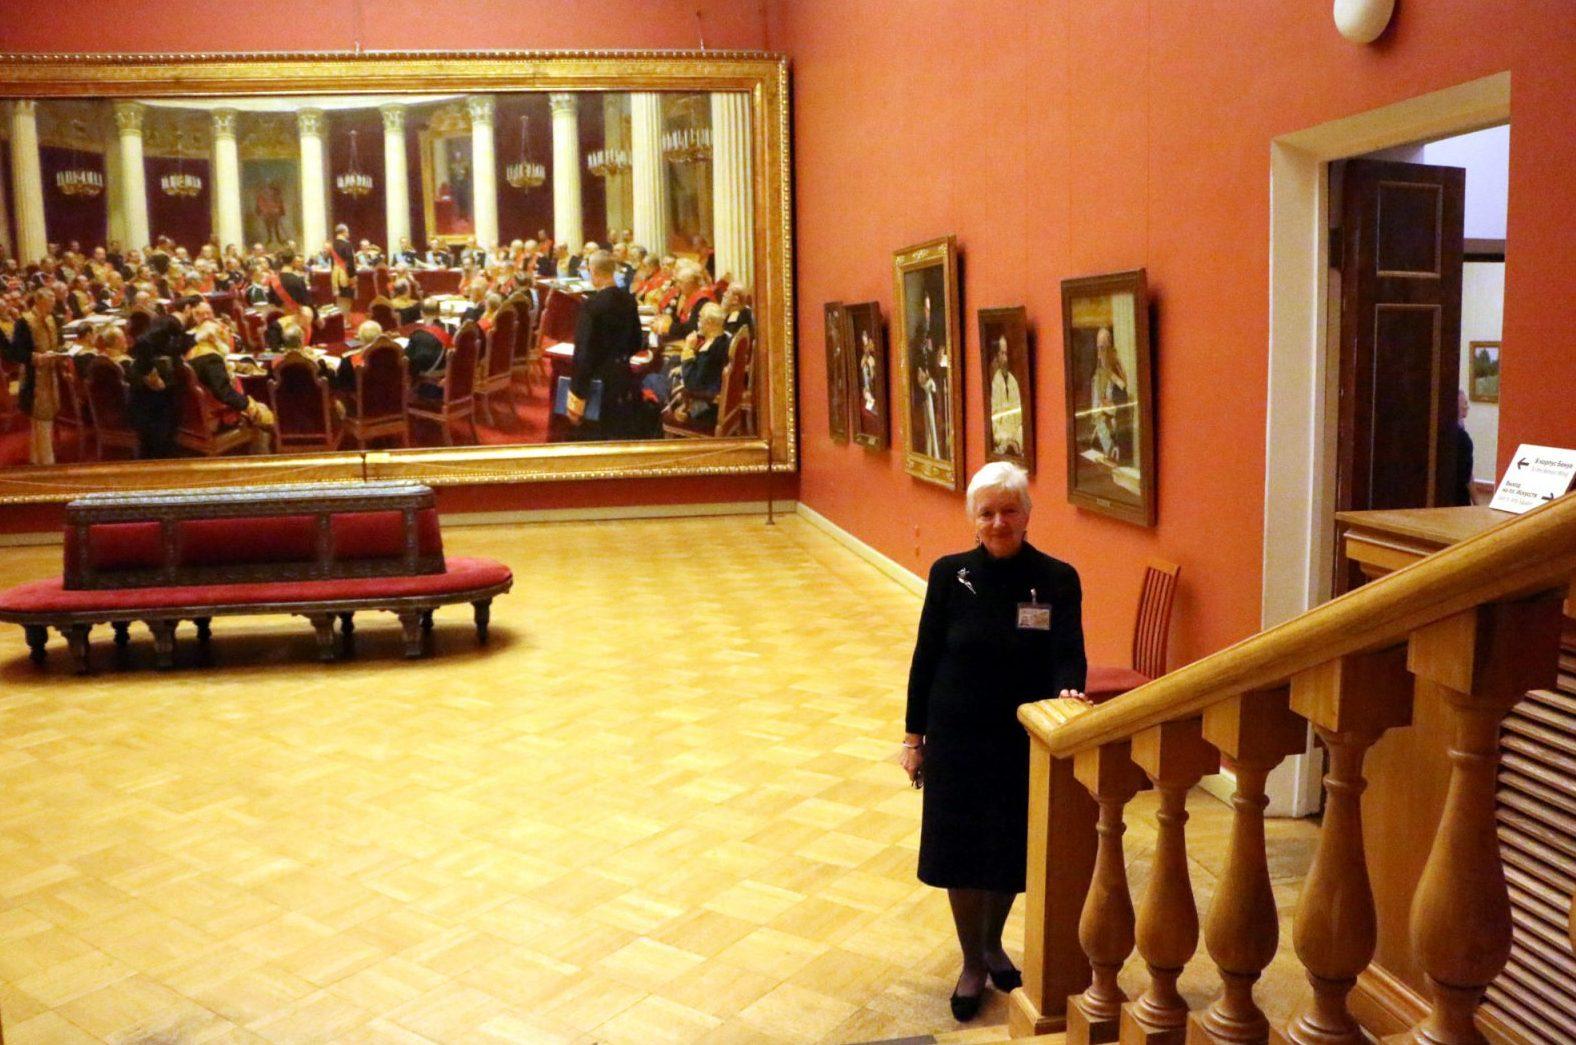 сказал, смотрители музеев фото даже ввели